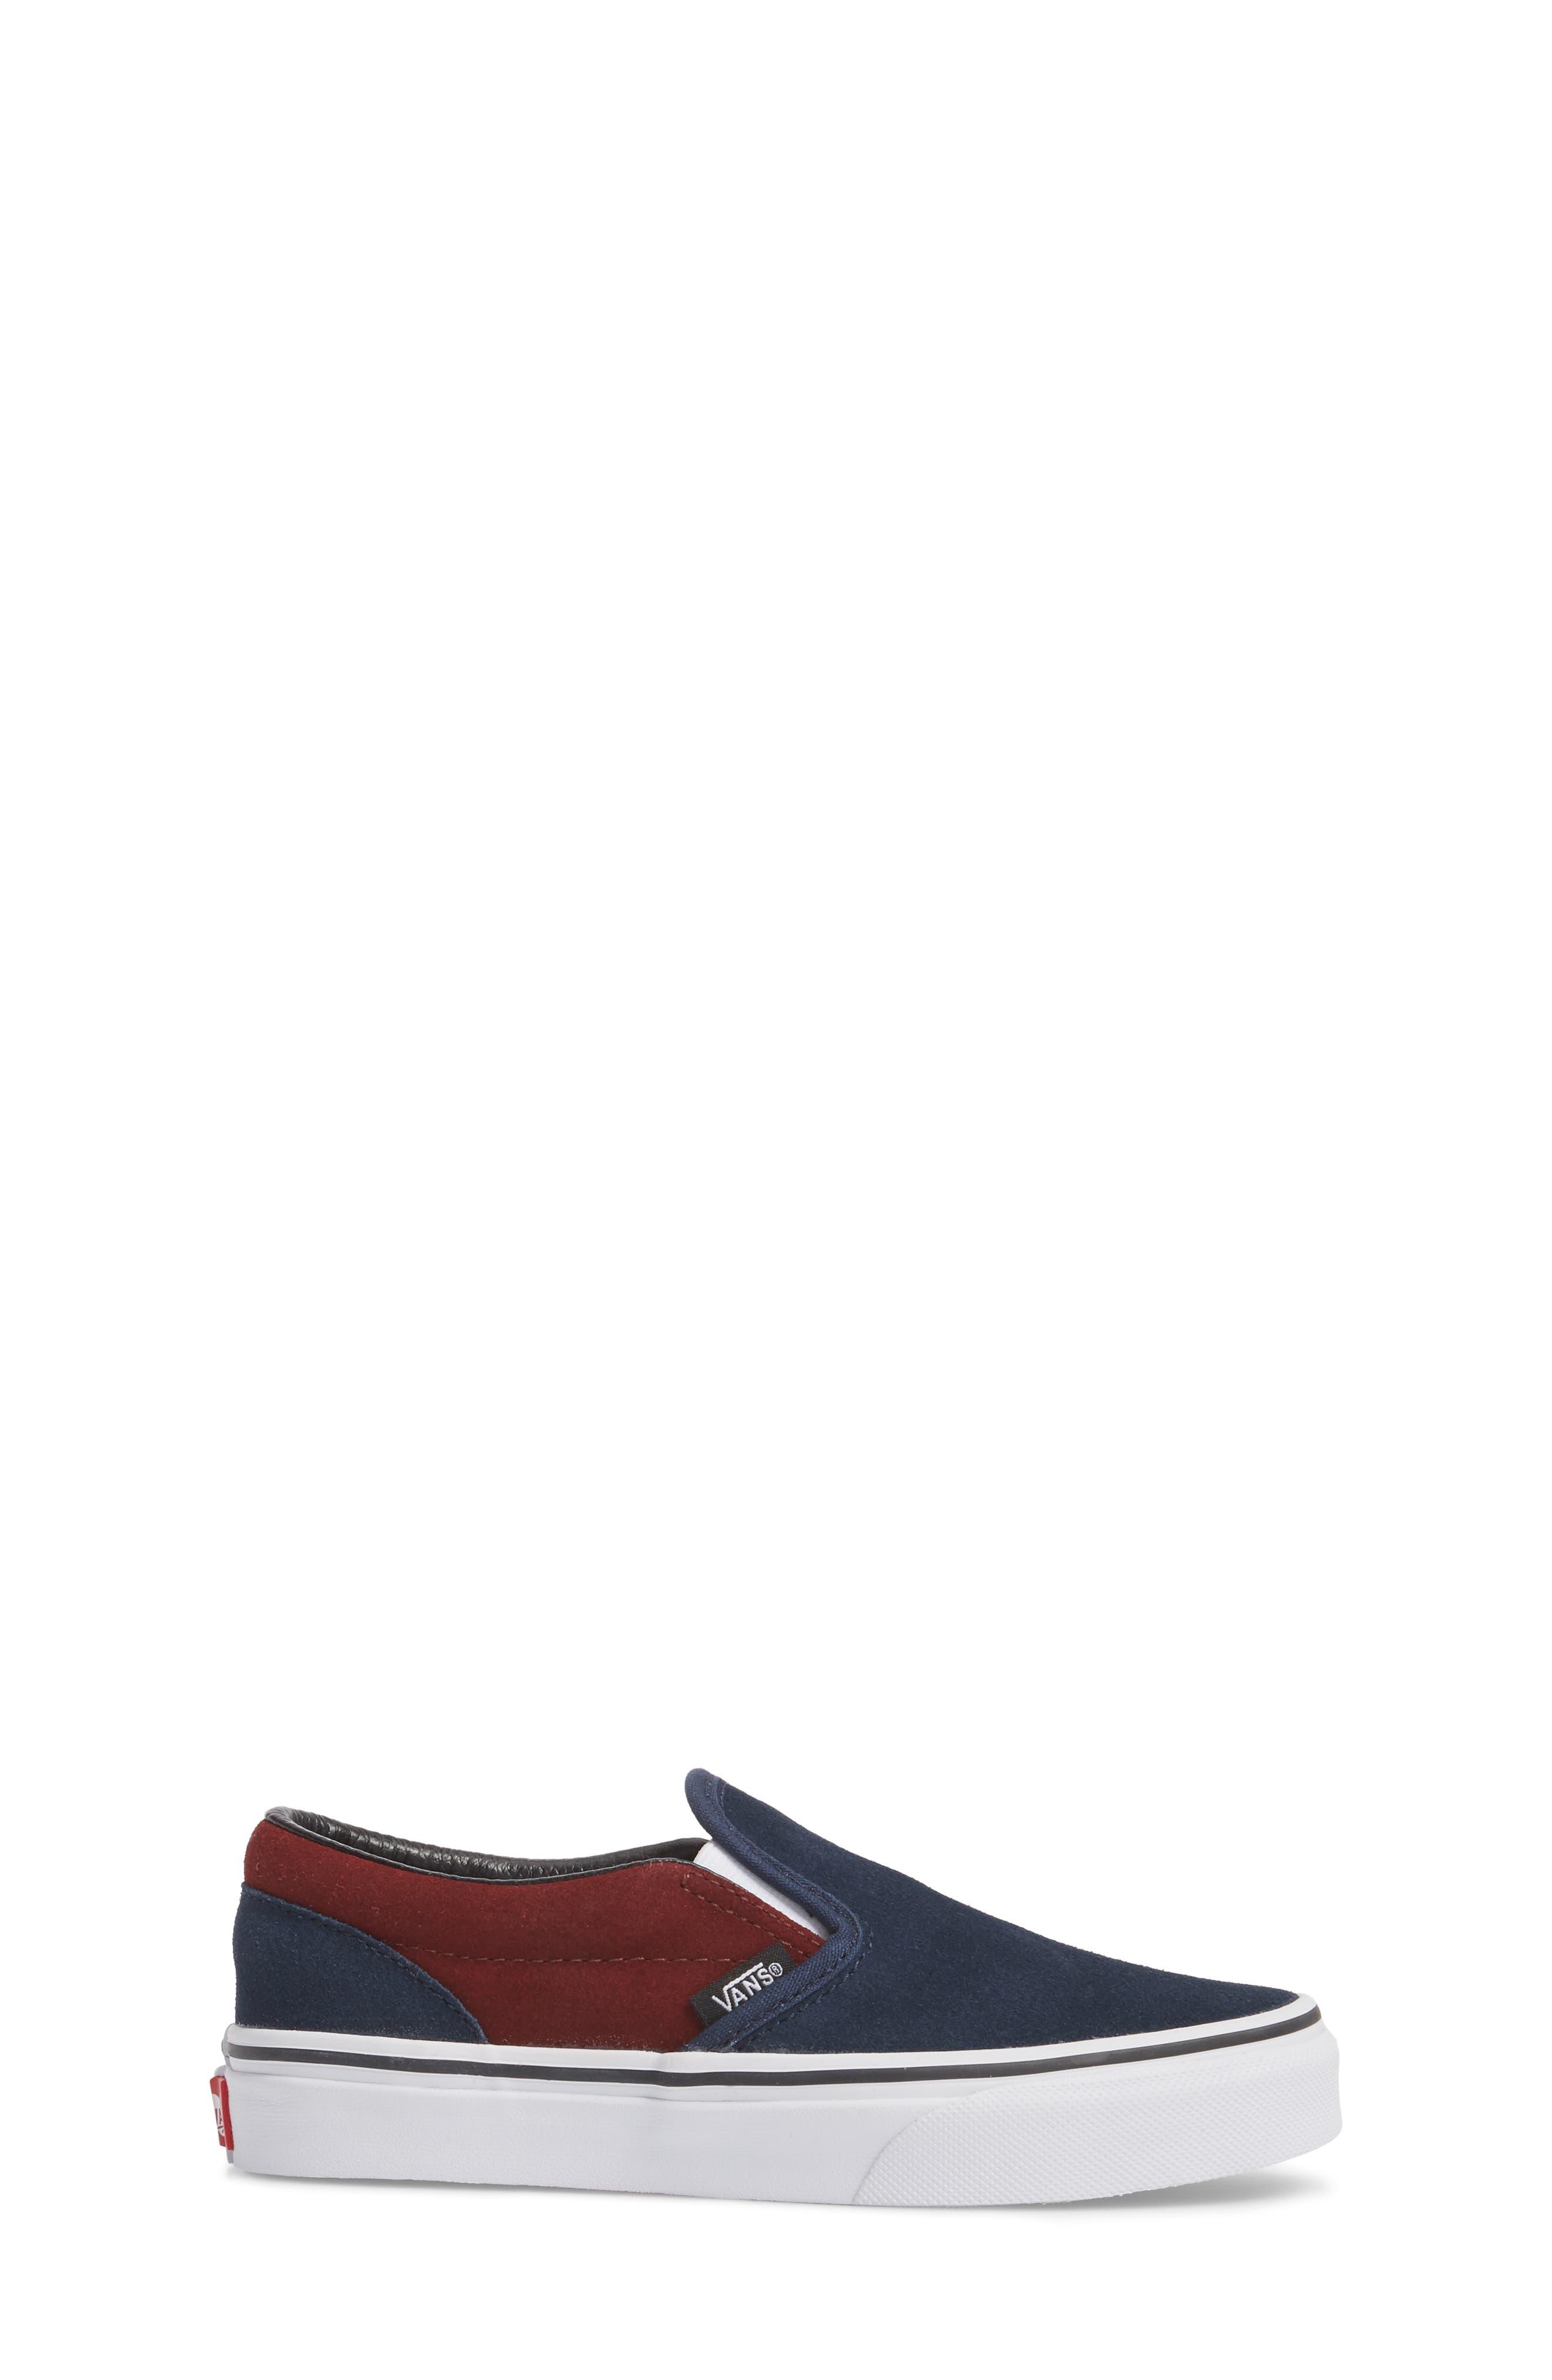 Classic Slip-On Sneaker,                             Alternate thumbnail 3, color,                             401